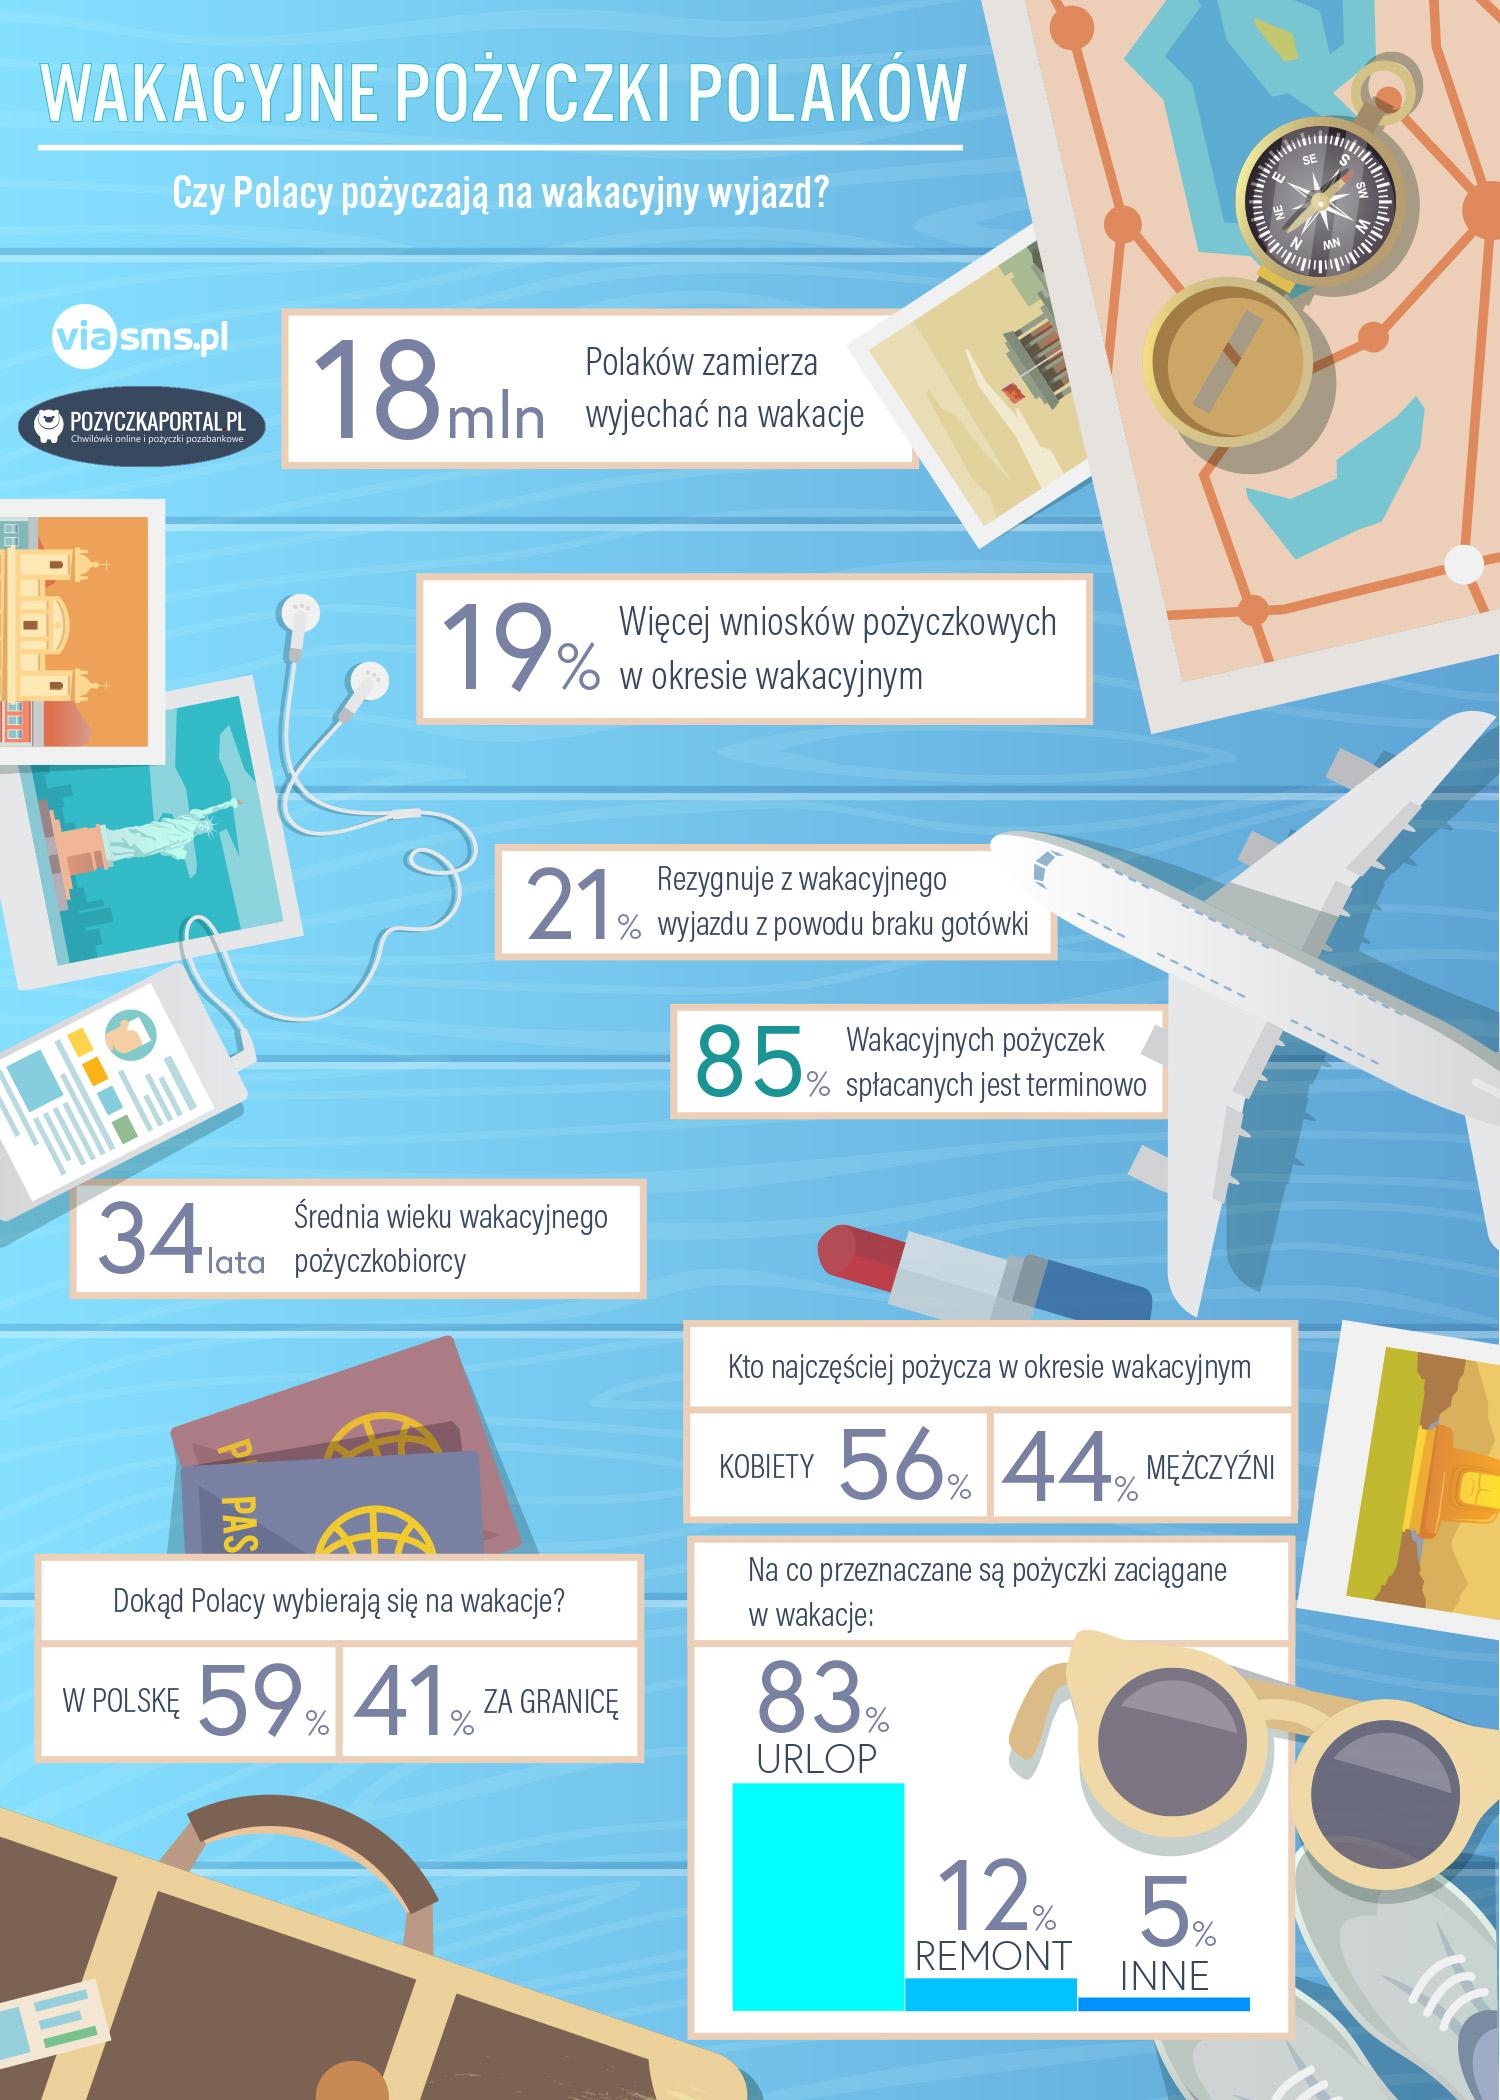 Infografika o pożyczkach wakacyjnych polaków